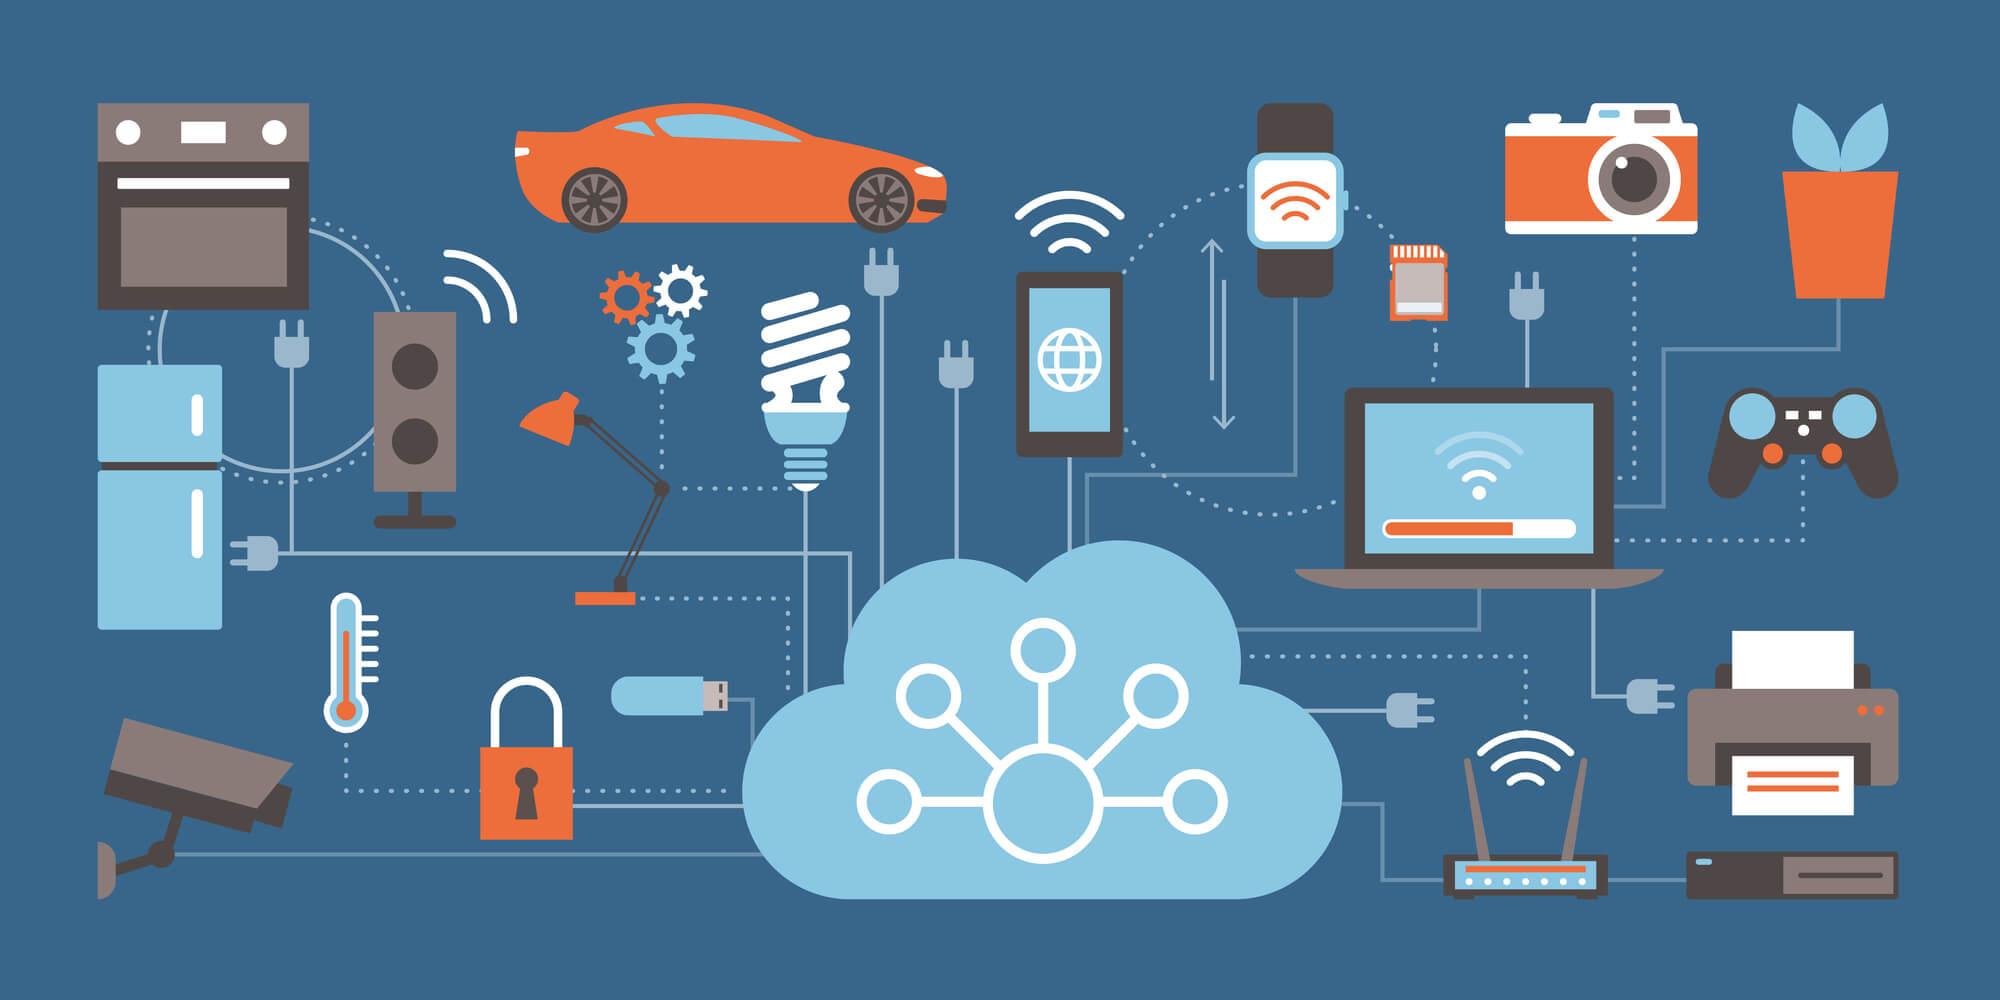 6 tendências tecnológicas que irão impactar o mundo e o marketing